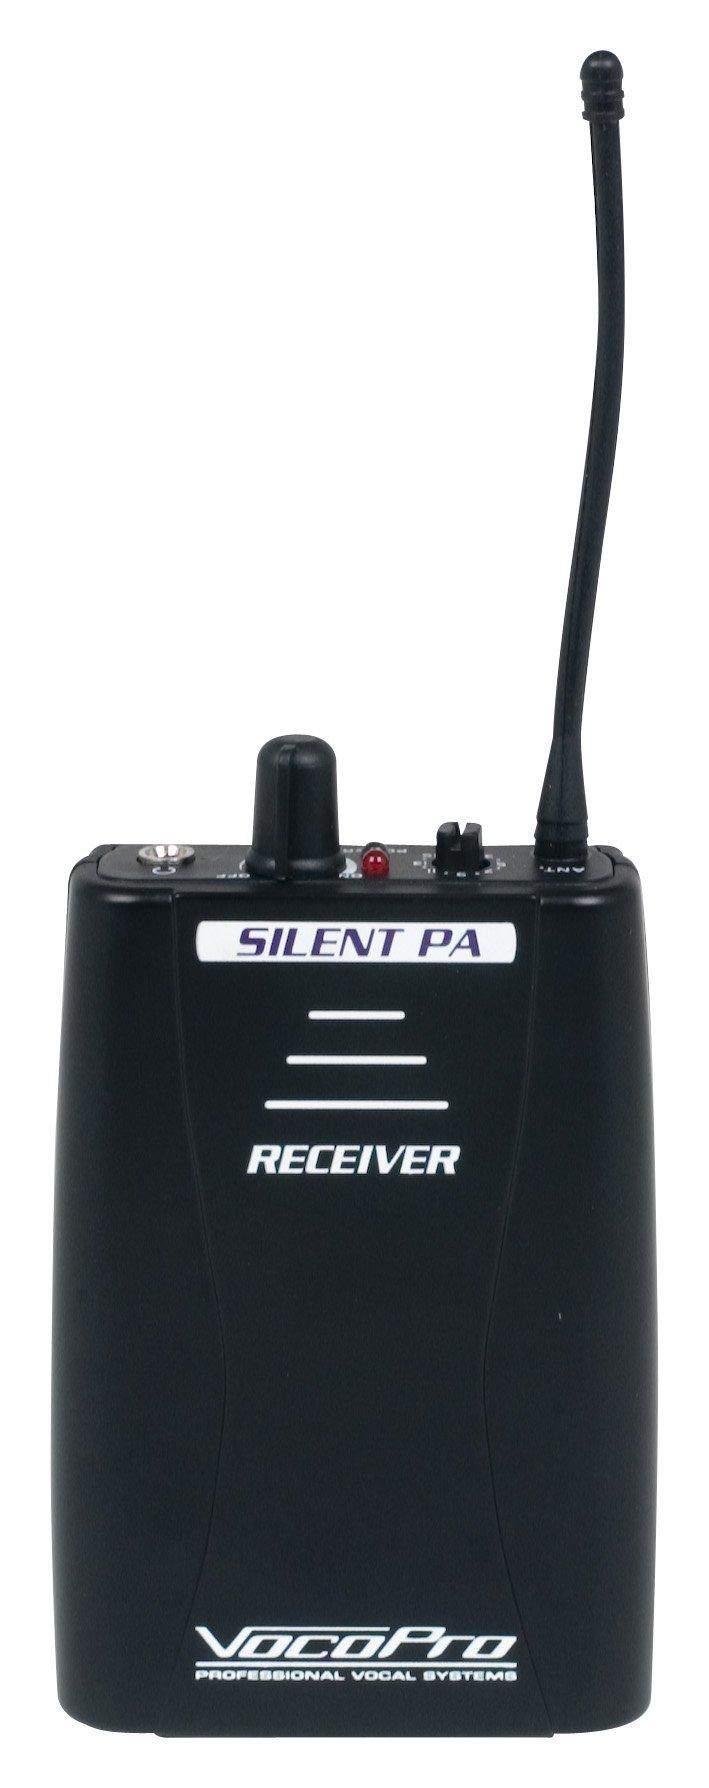 VocoPro, 16 Audio Broadcast System, black, 4.00 x 4.00 x 8.00 (SilentPA-RX) by VocoPro